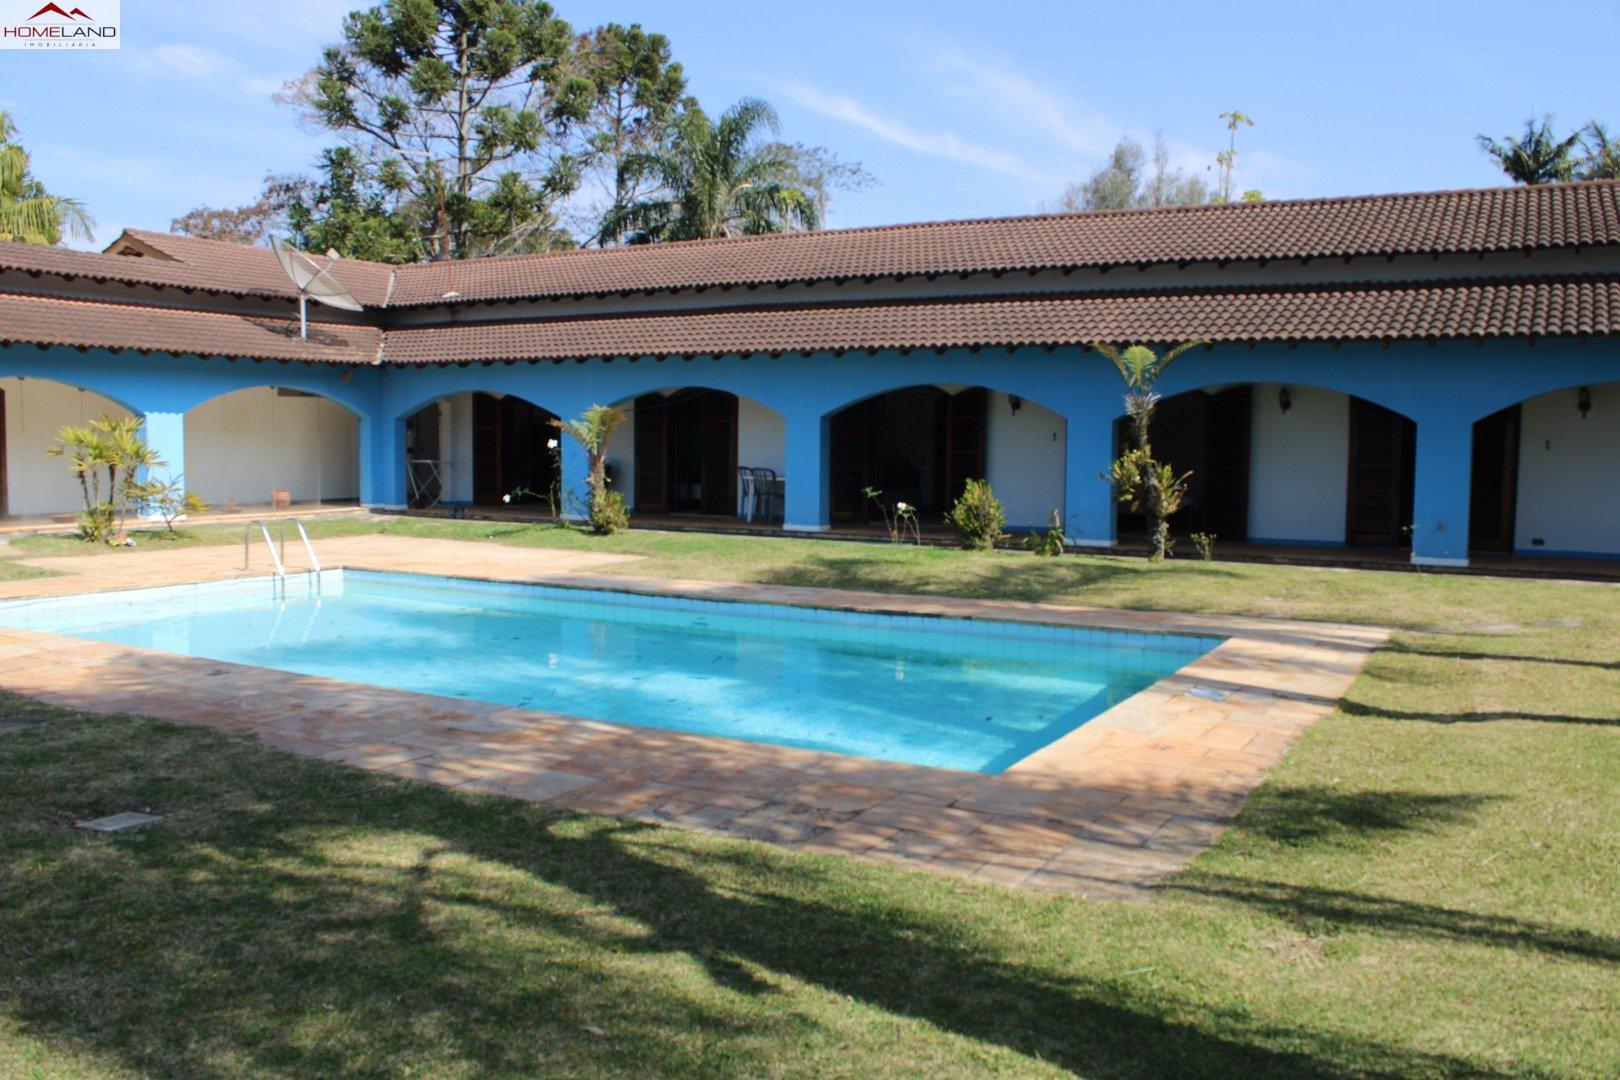 HL-232 Casa com 5 dormitórios à venda, 900 m² por R$ 1.700.000,00 - Patrimônio do Carmo - São Roque/SP